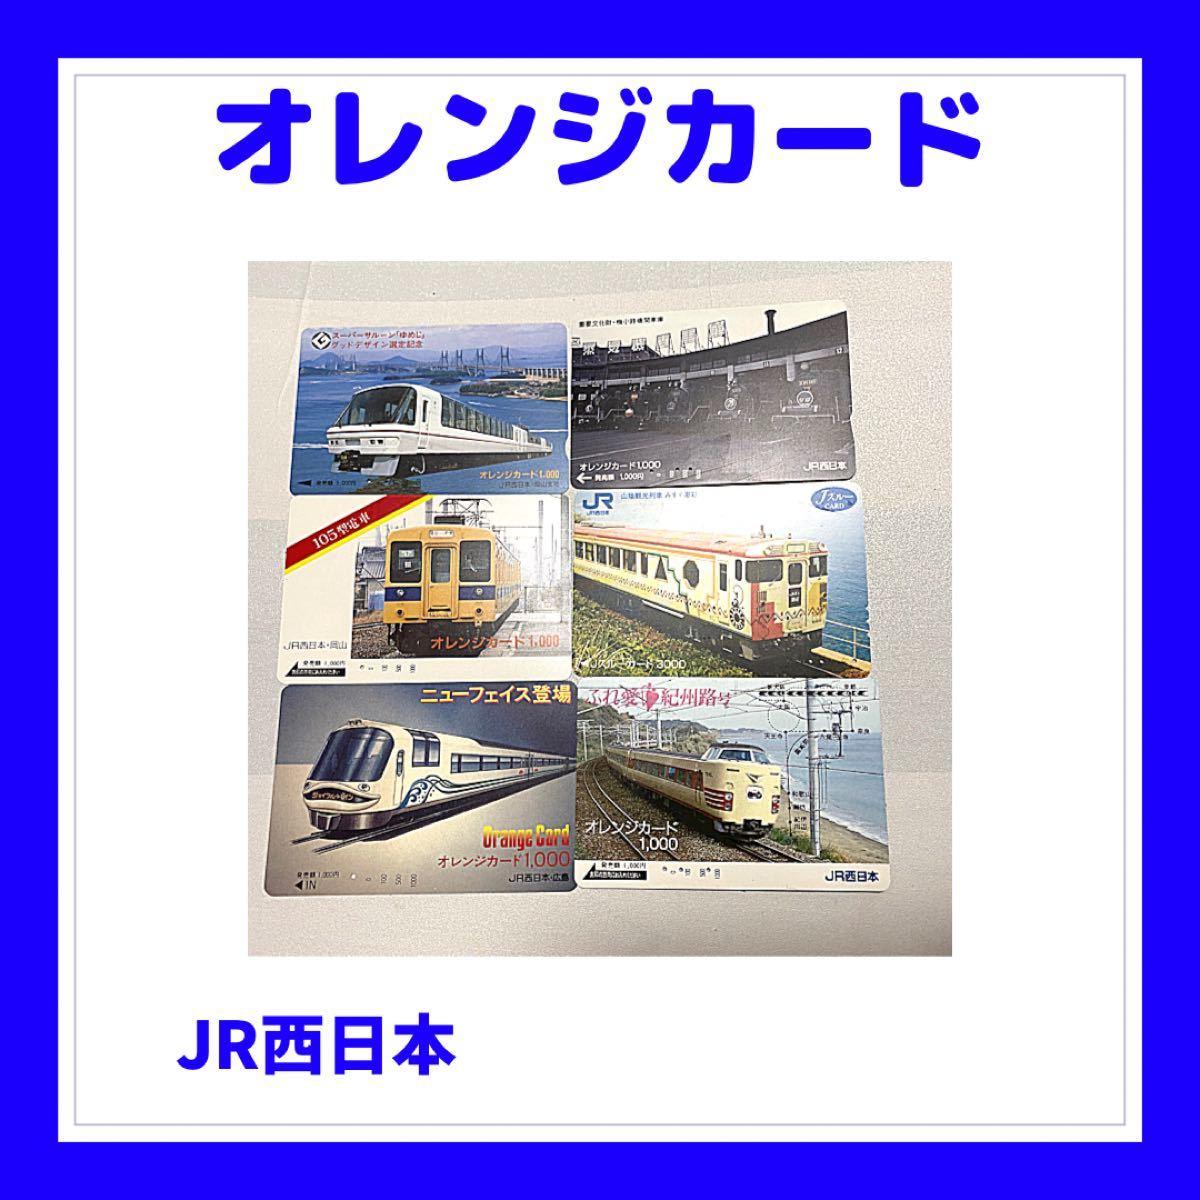 JR西日本  オレンジカード 使用済み